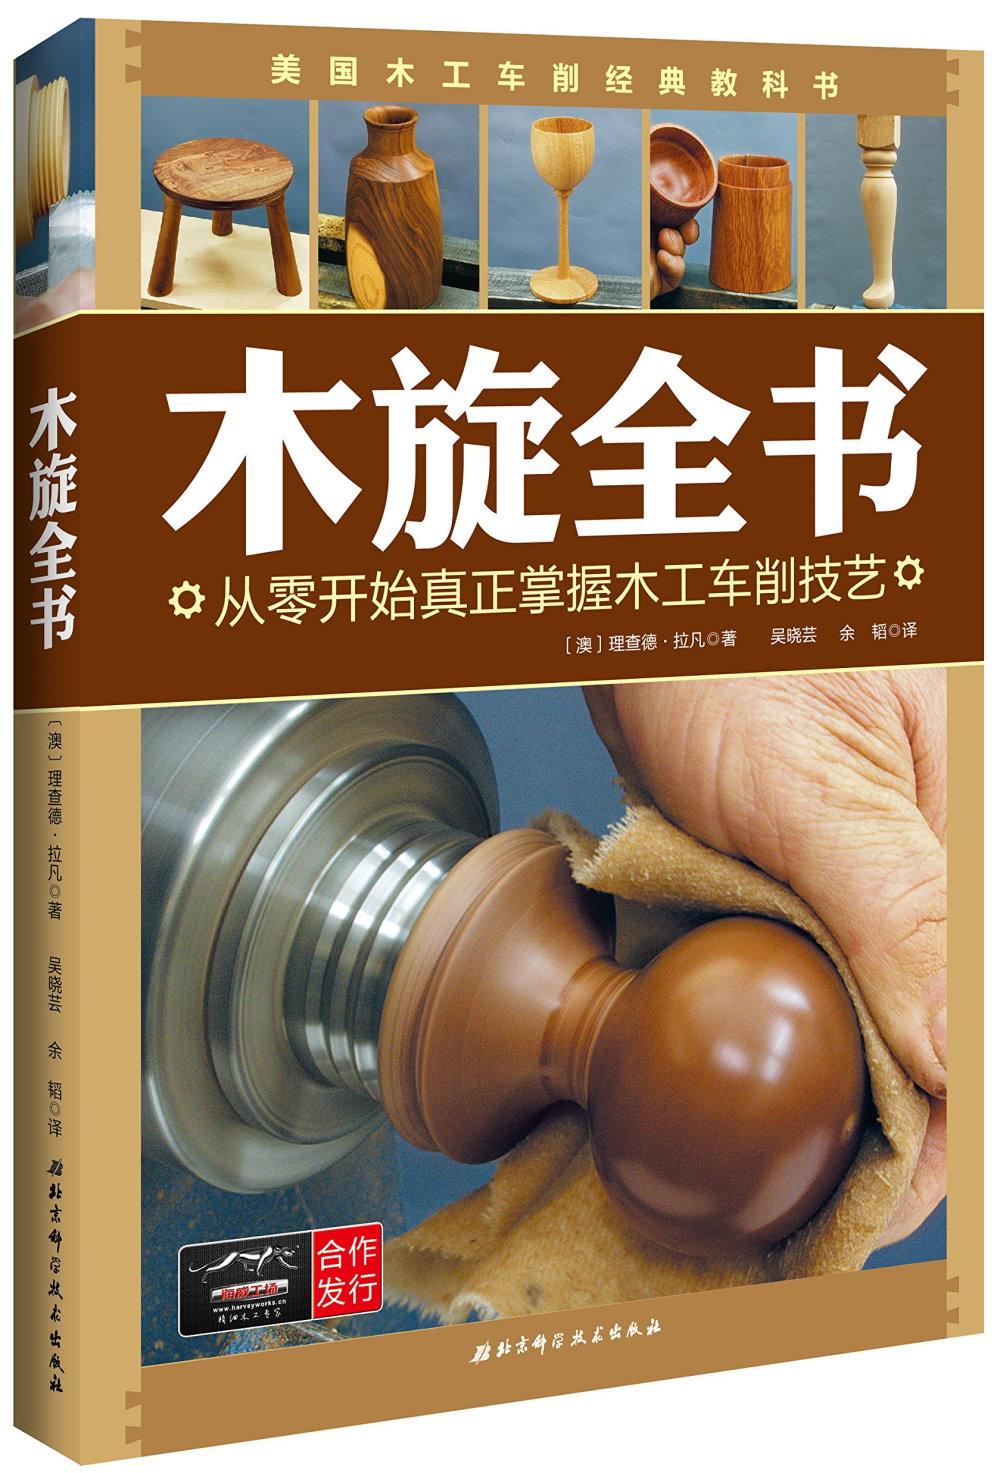 木旋全書:從零開始真正掌握木工車削技藝